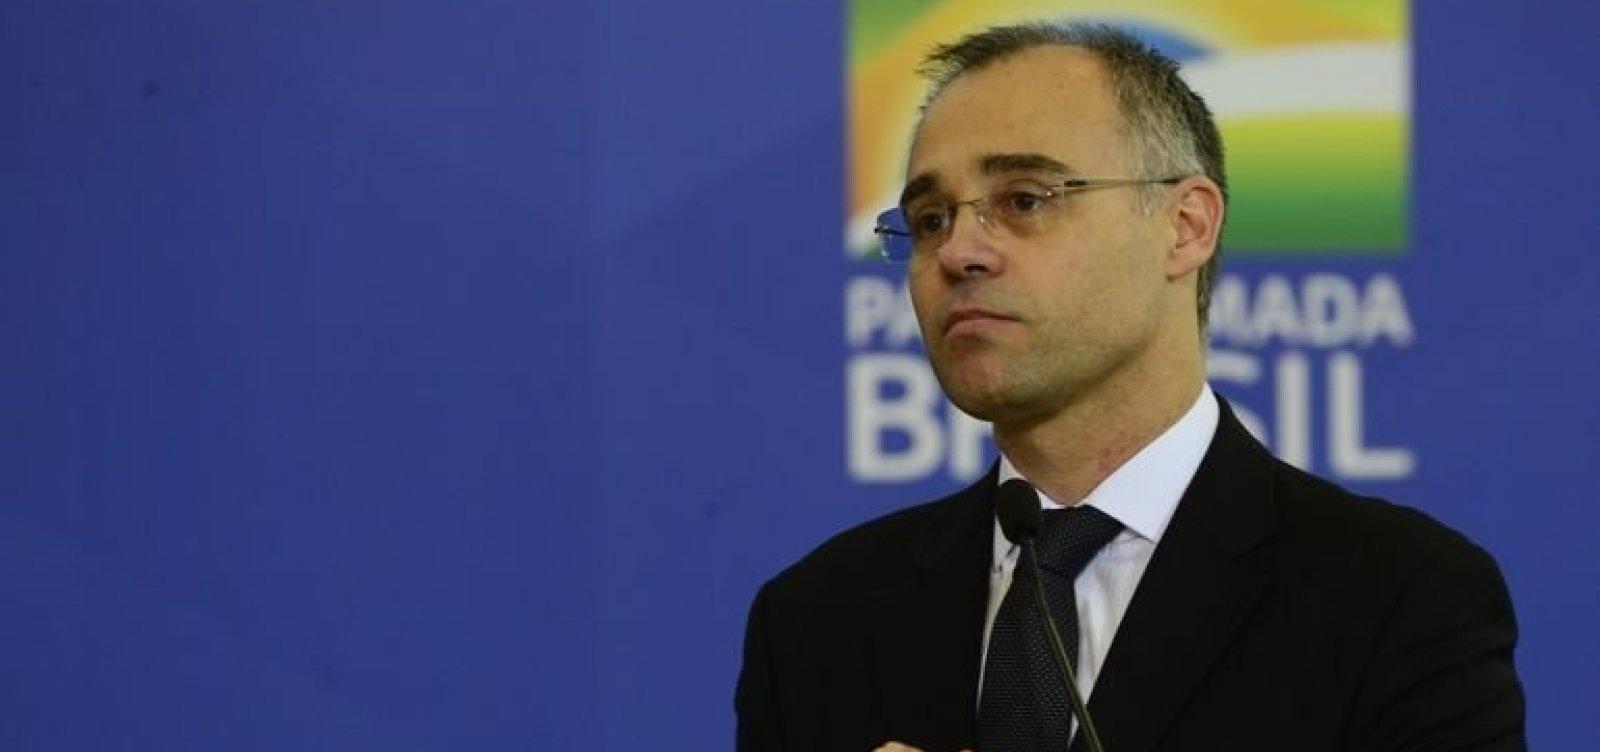 Ministro da Justiça diz que vai pedir abertura de inquérito para apurar textos de jornalistas